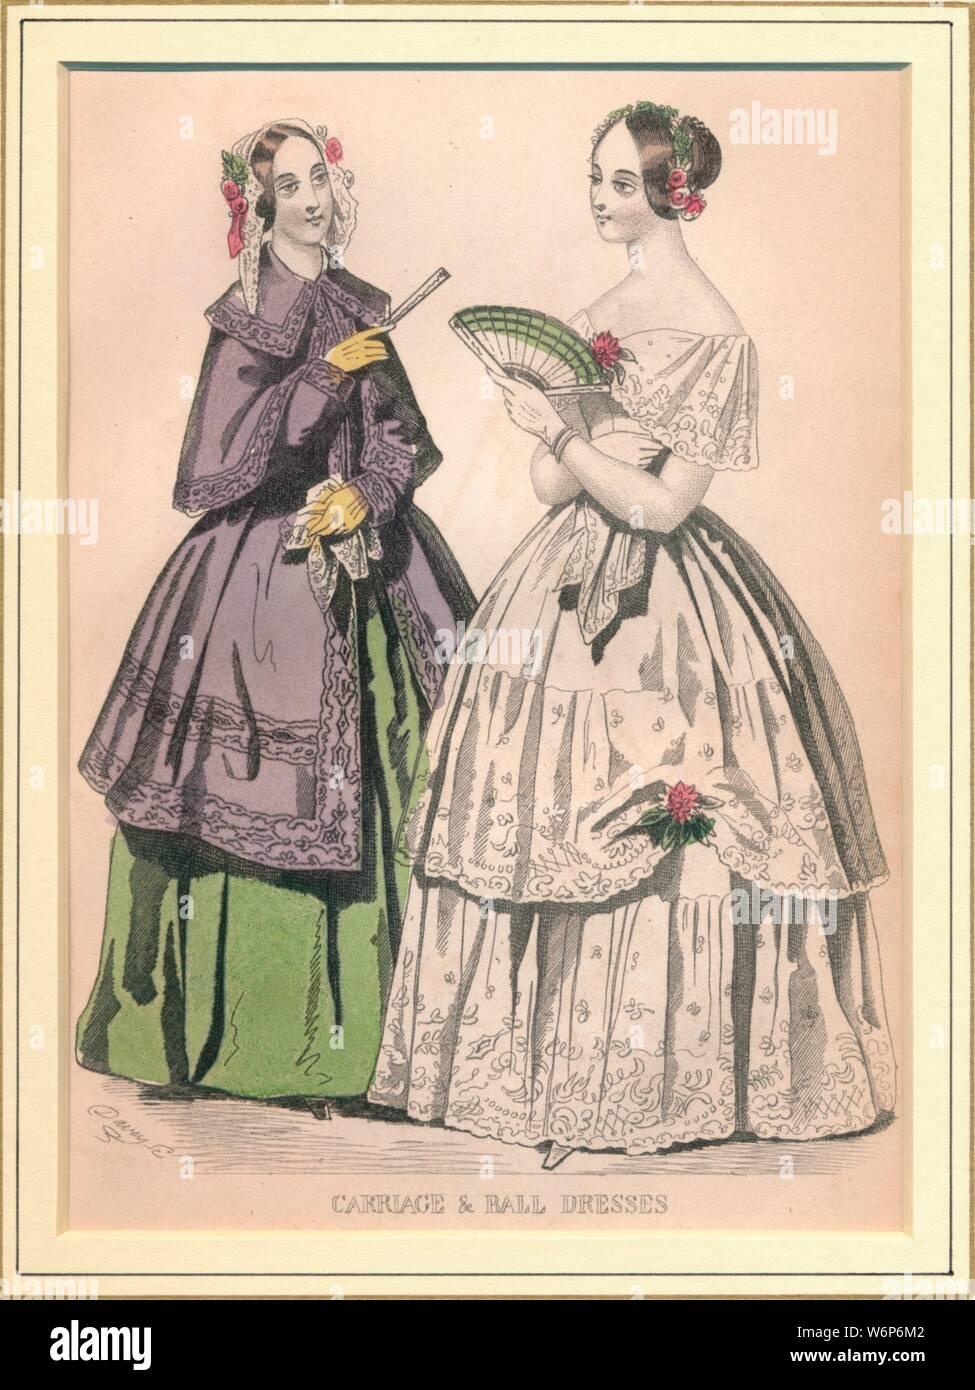 viktorianischen damen ballkleid stockfotos und -bilder